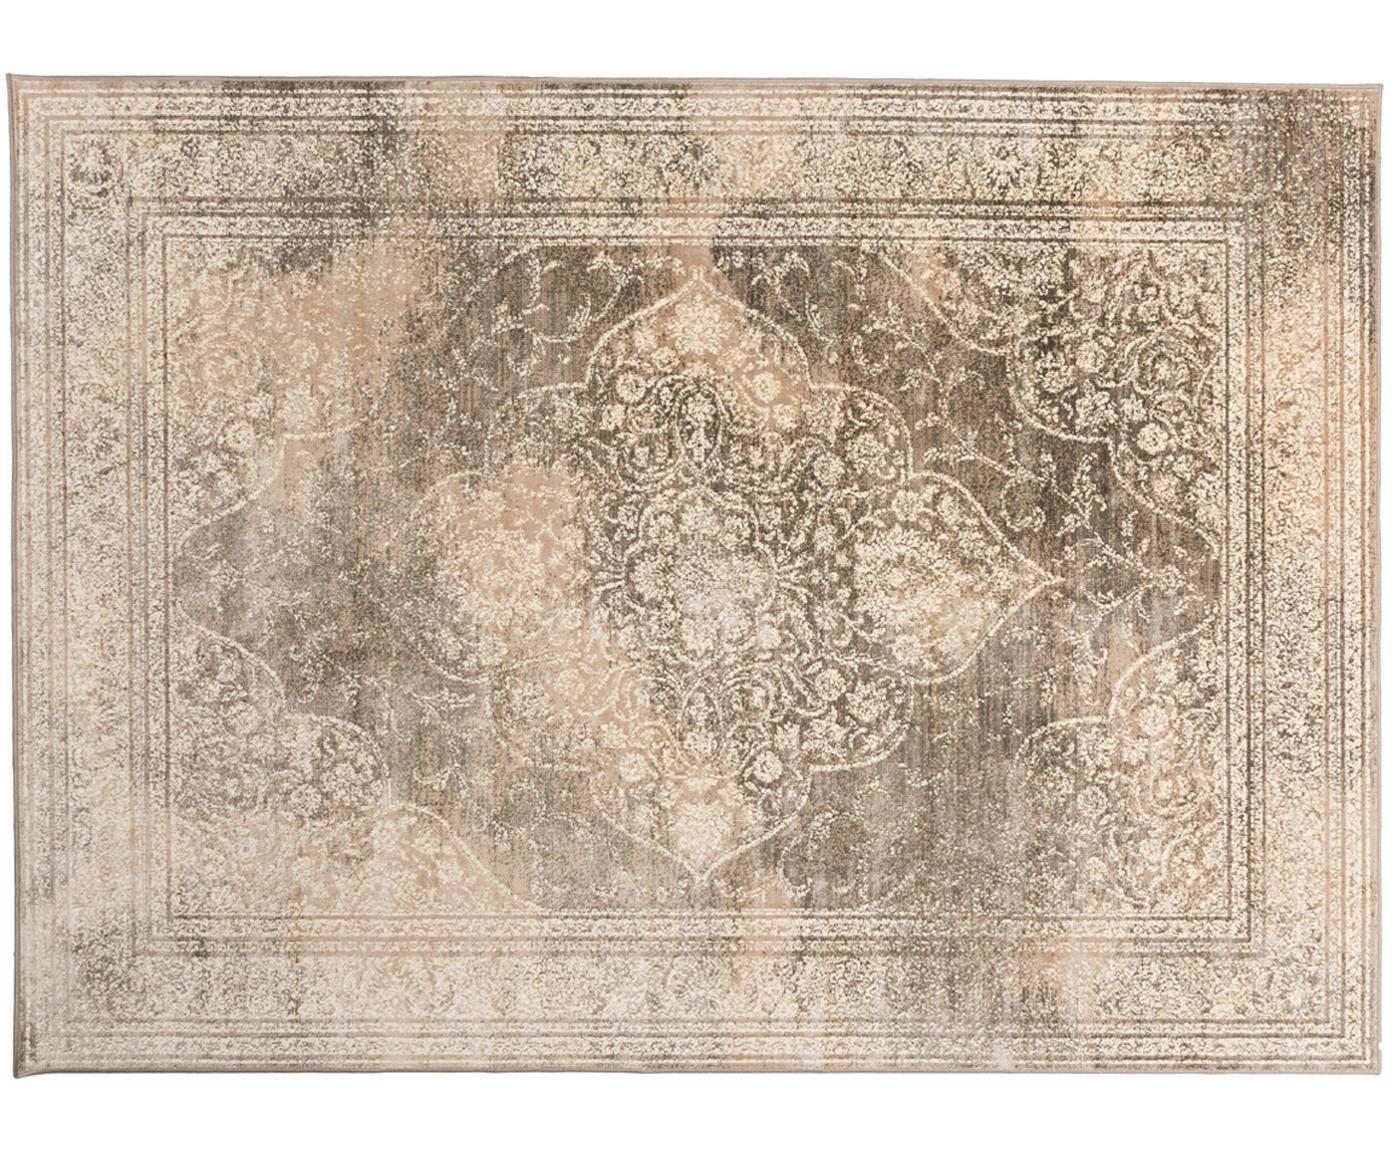 Vintage Teppich Rugged in Beigetönen, Beige, Braun, B 170 x L 240 cm (Grösse M)